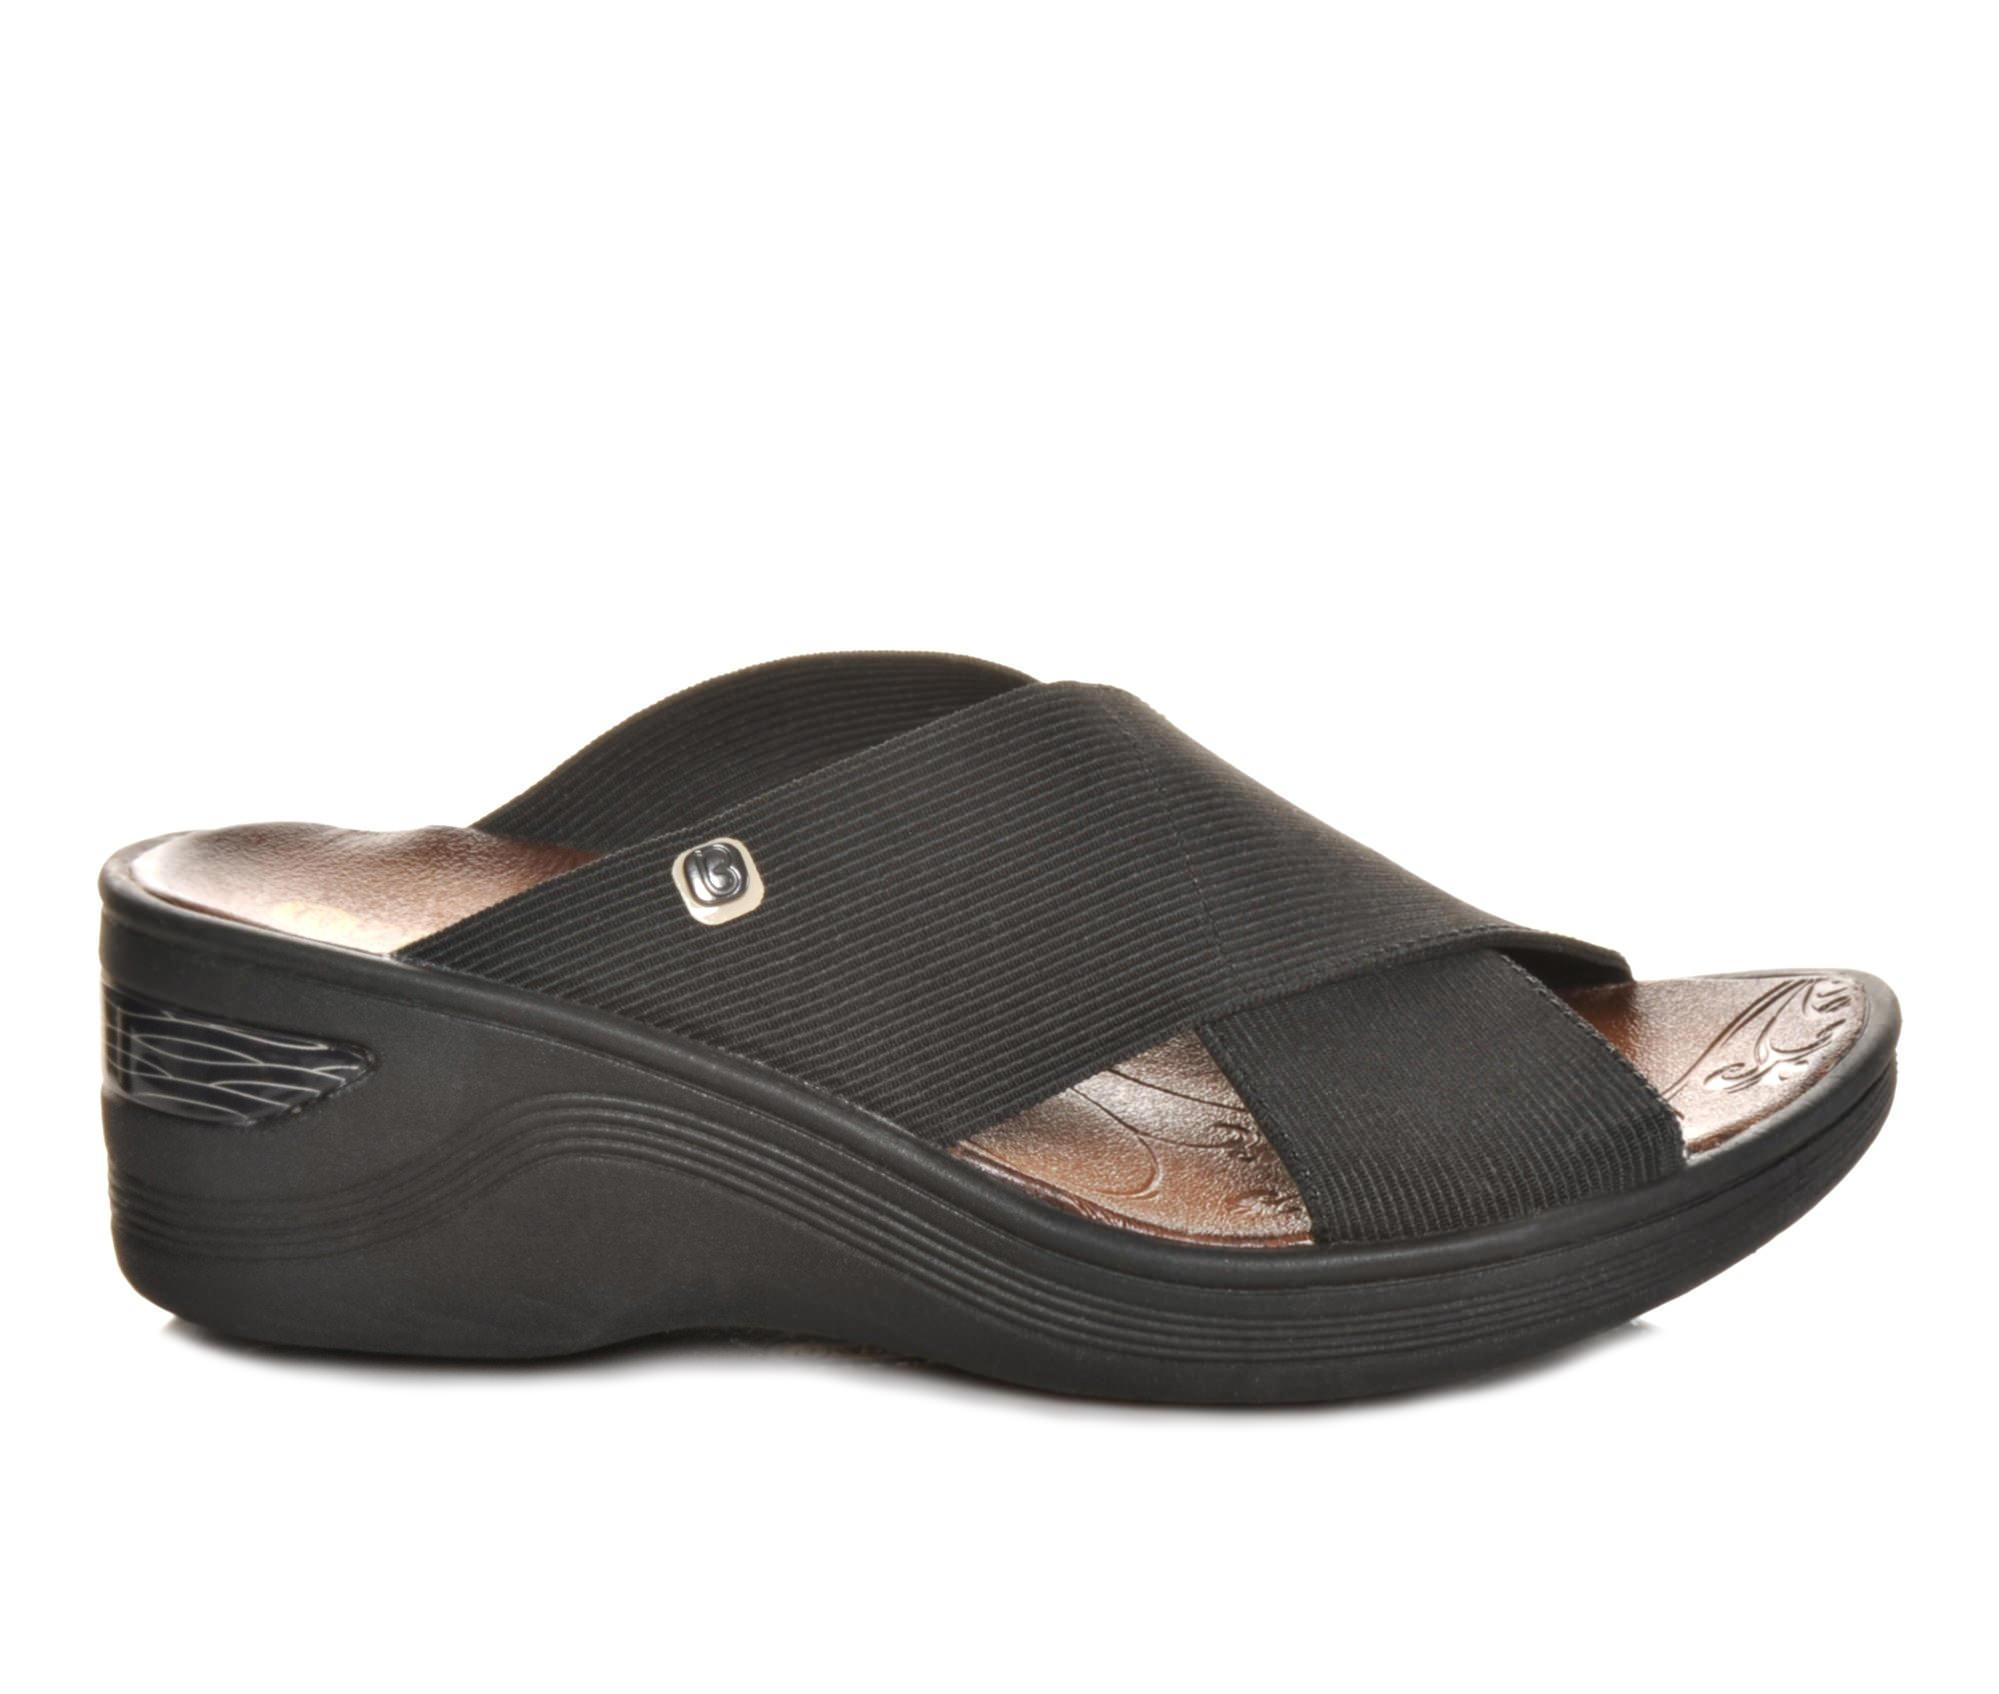 Women's BZEES Desire Wedge Sandals (Black)